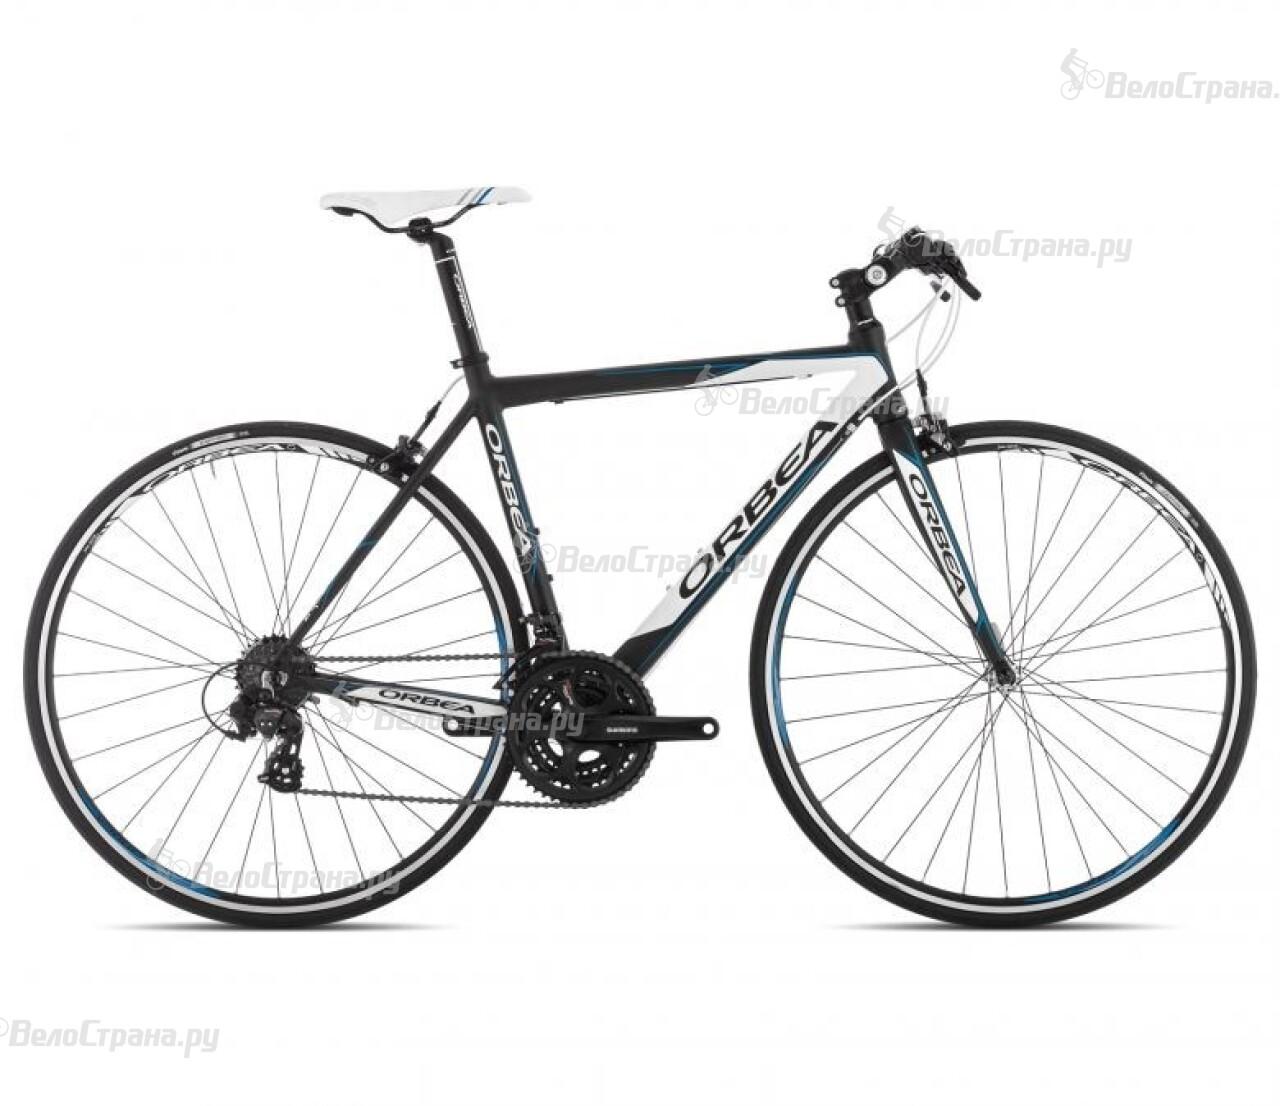 Велосипед Orbea Aqua 70 Flat (2014) велосипед orbea aqua t23 flat 2013